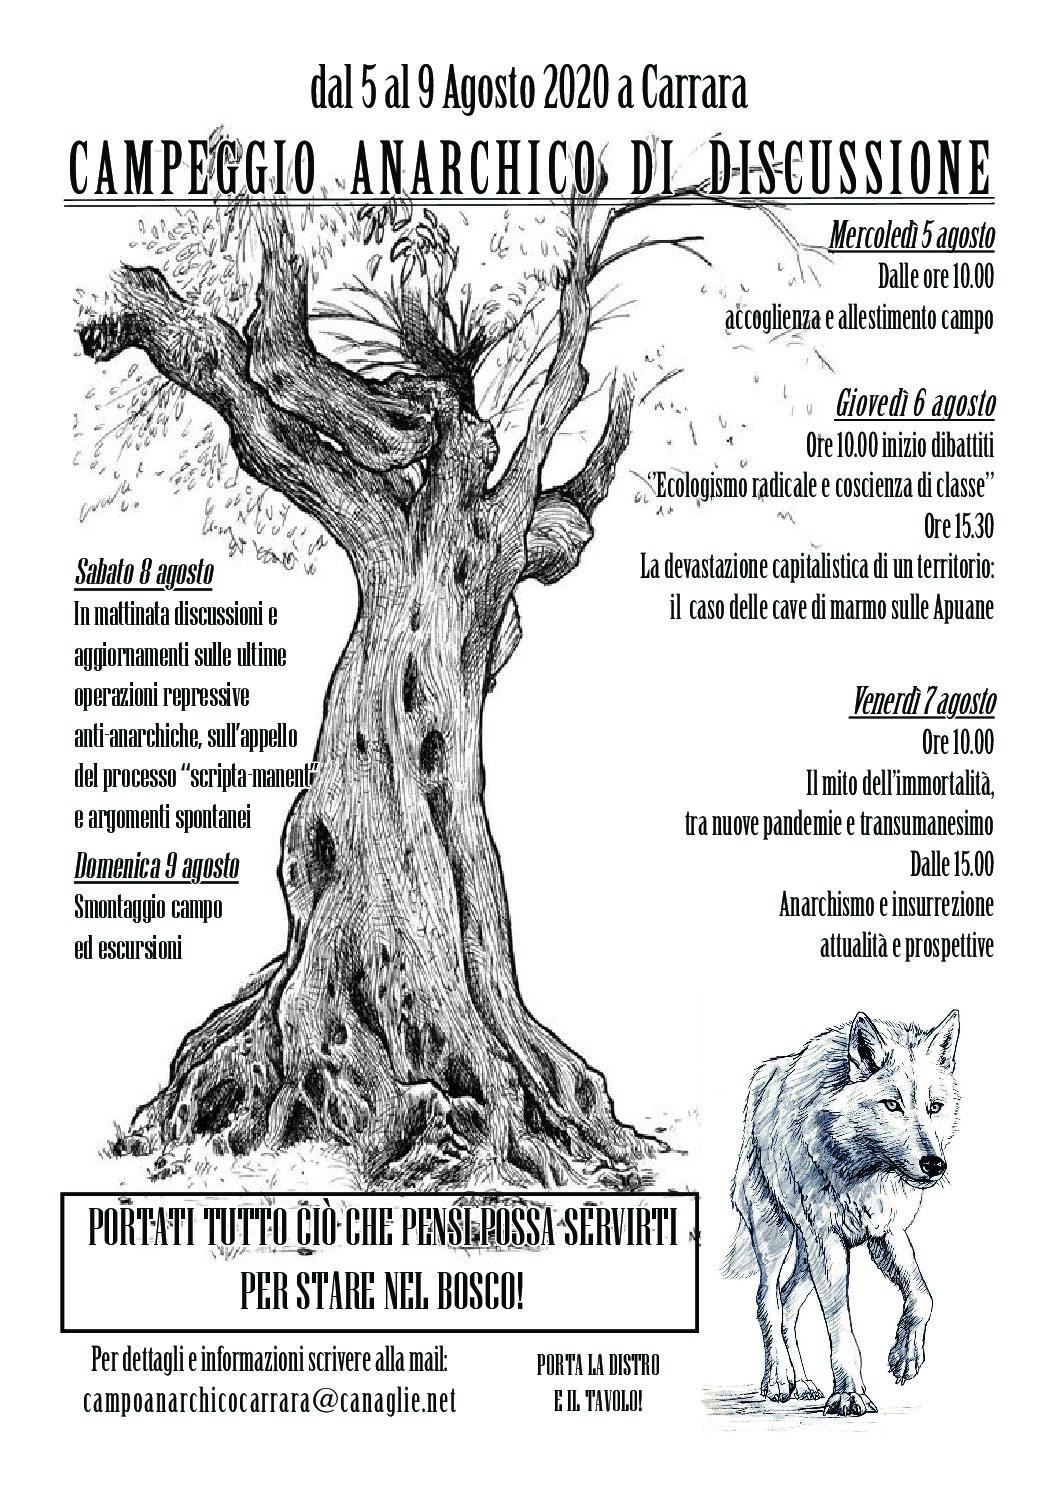 Campeggio Anarchico di discussione a Carrara dal 05 al 09 agosto